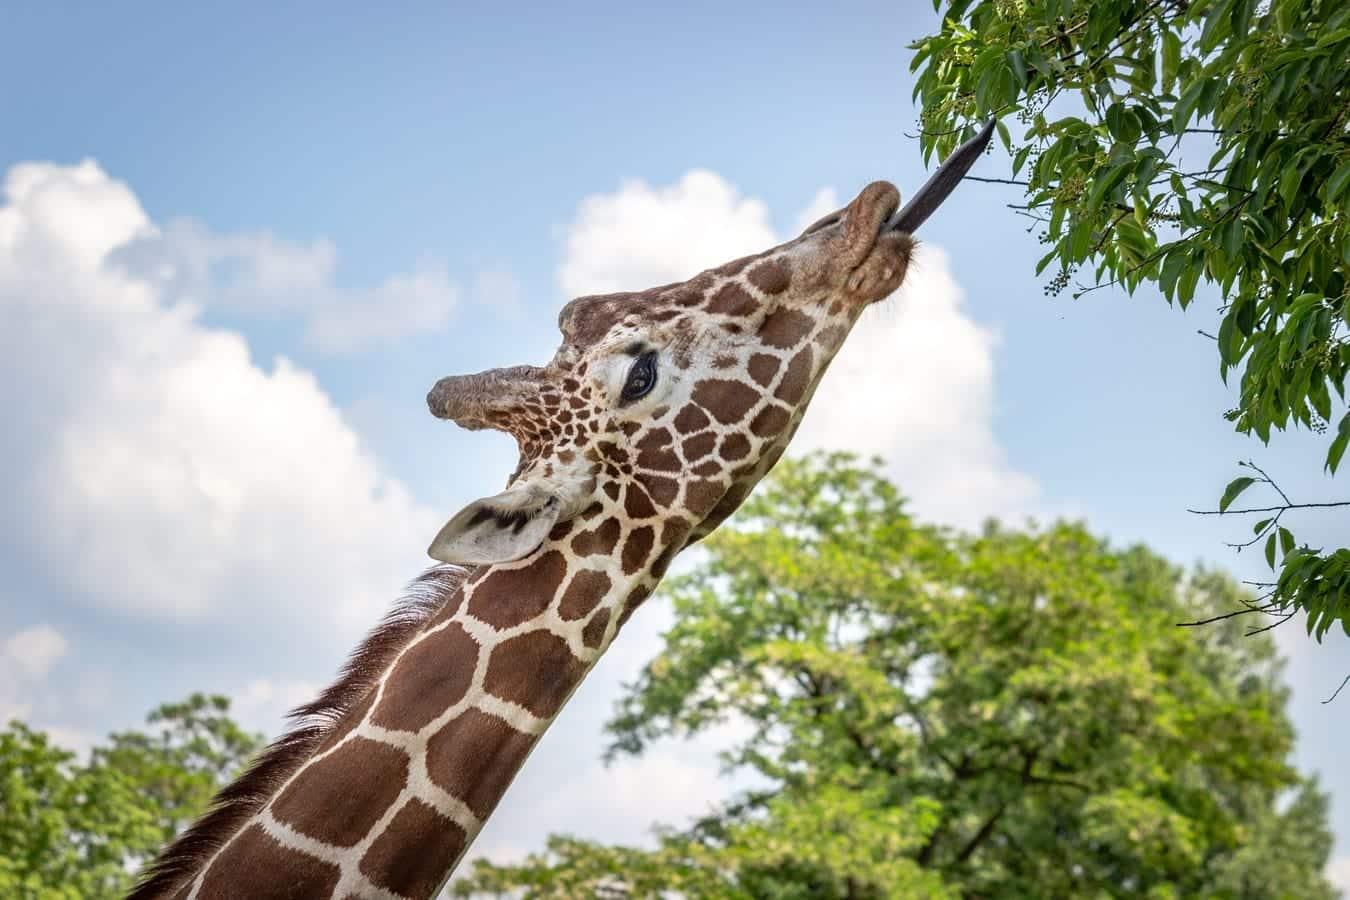 Girafa - características e comportamento da espécie